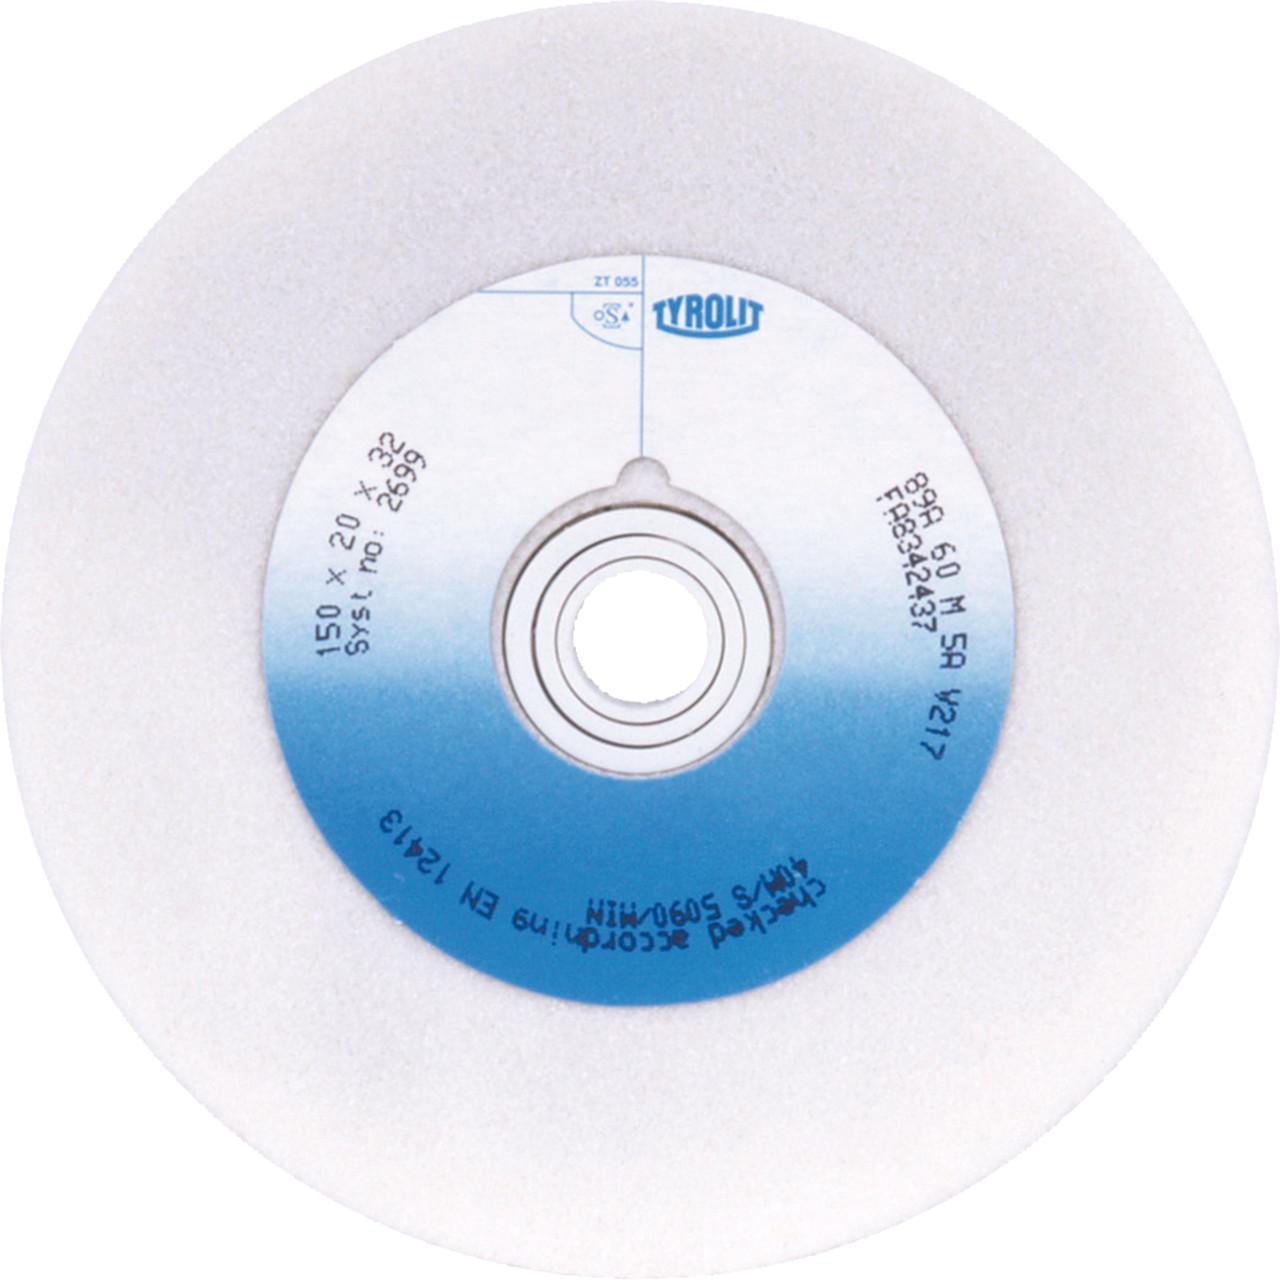 Immagine di Mole convenzionali ceramiche per smerigliatrici stazionarie da banco Per acciai altamente legati e superrapidi